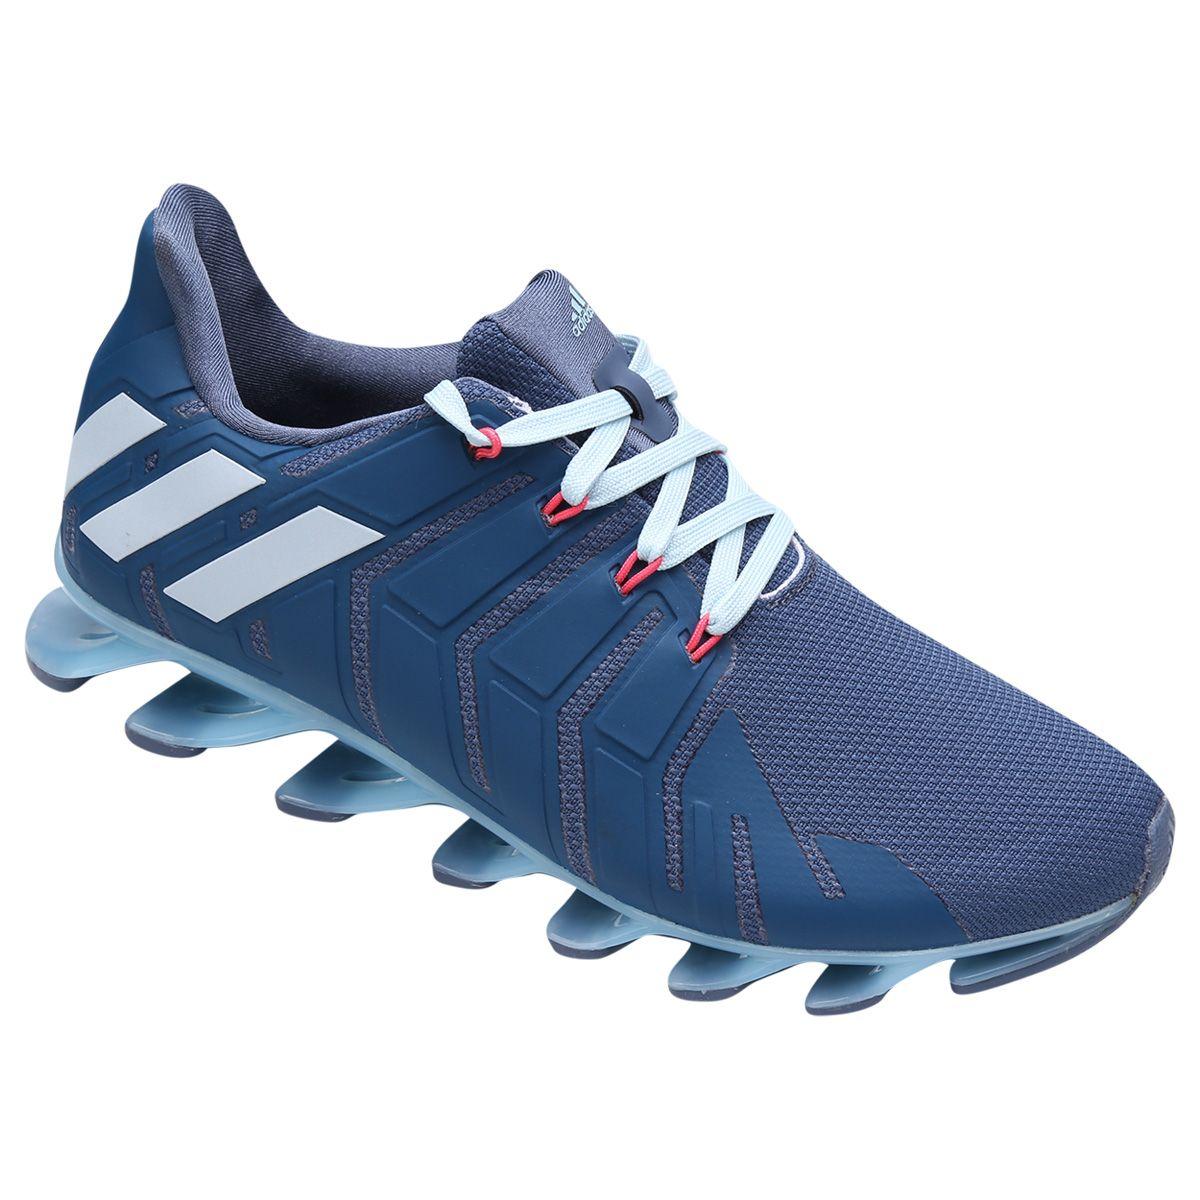 604160466cb17 Tênis Adidas Springblade Pro Pink e Preto